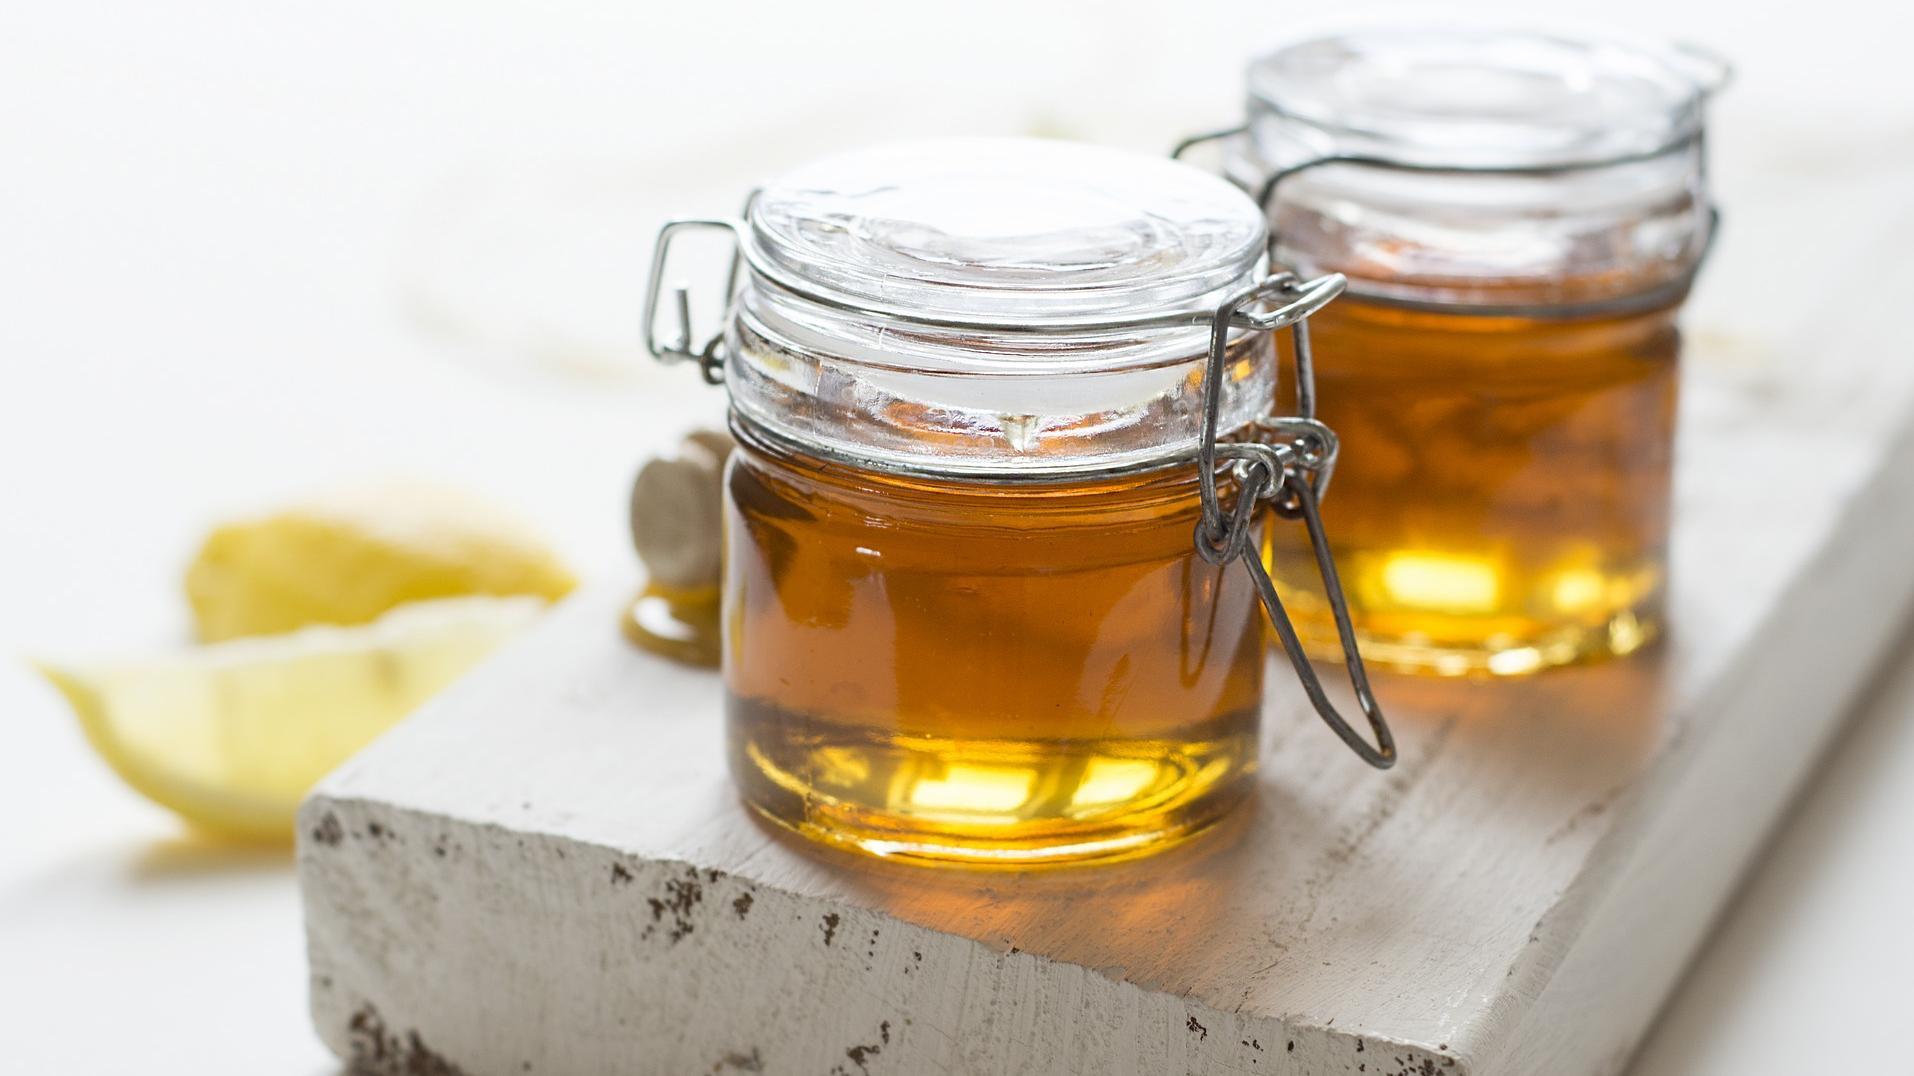 Knoblauch können Sie zum Beispiel in Honig fermentieren